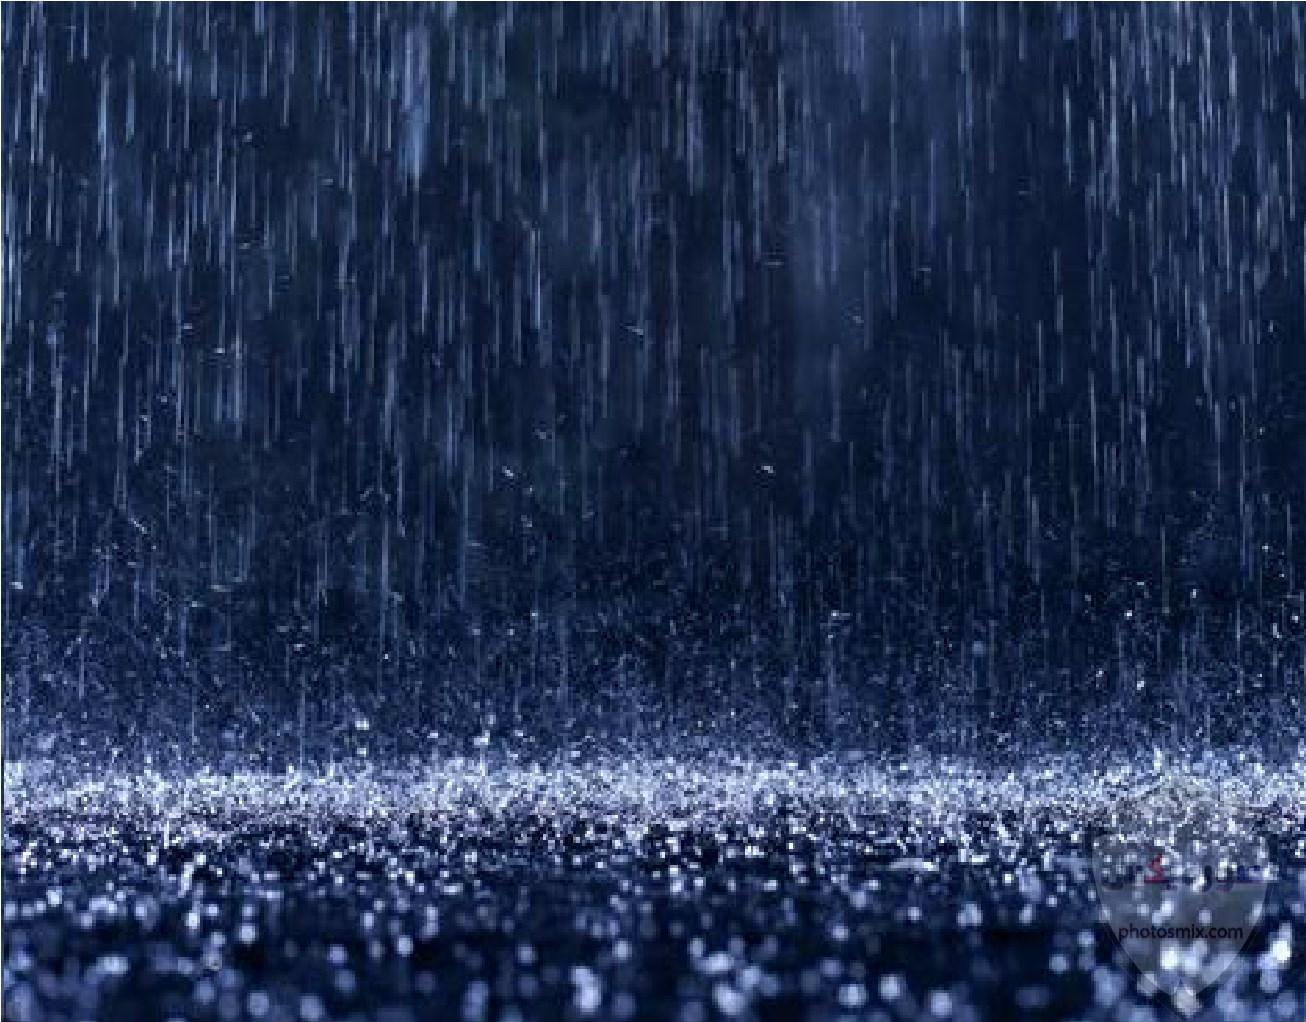 صور مطر جميلة اجمل خلفيات قطرات المطر ادعية عن الامطار والشتاء 3 1